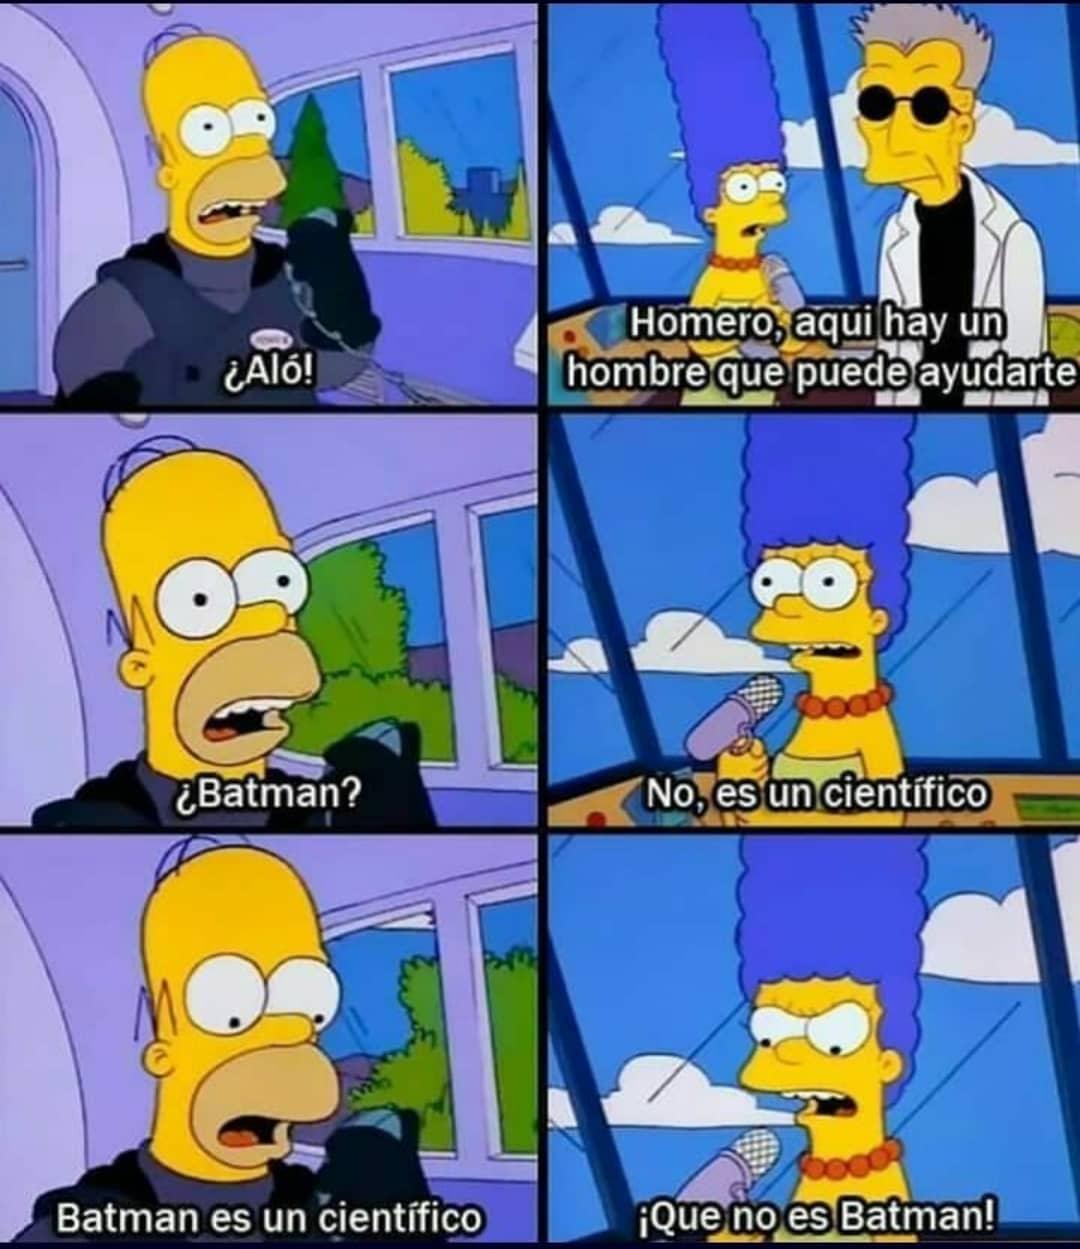 ¿Aló!  Homero, aqui hay un hombre que puede ayudarte.  ¿Batman?  No, es un científico.  Batman es un científico.  ¡Que no es Batman!